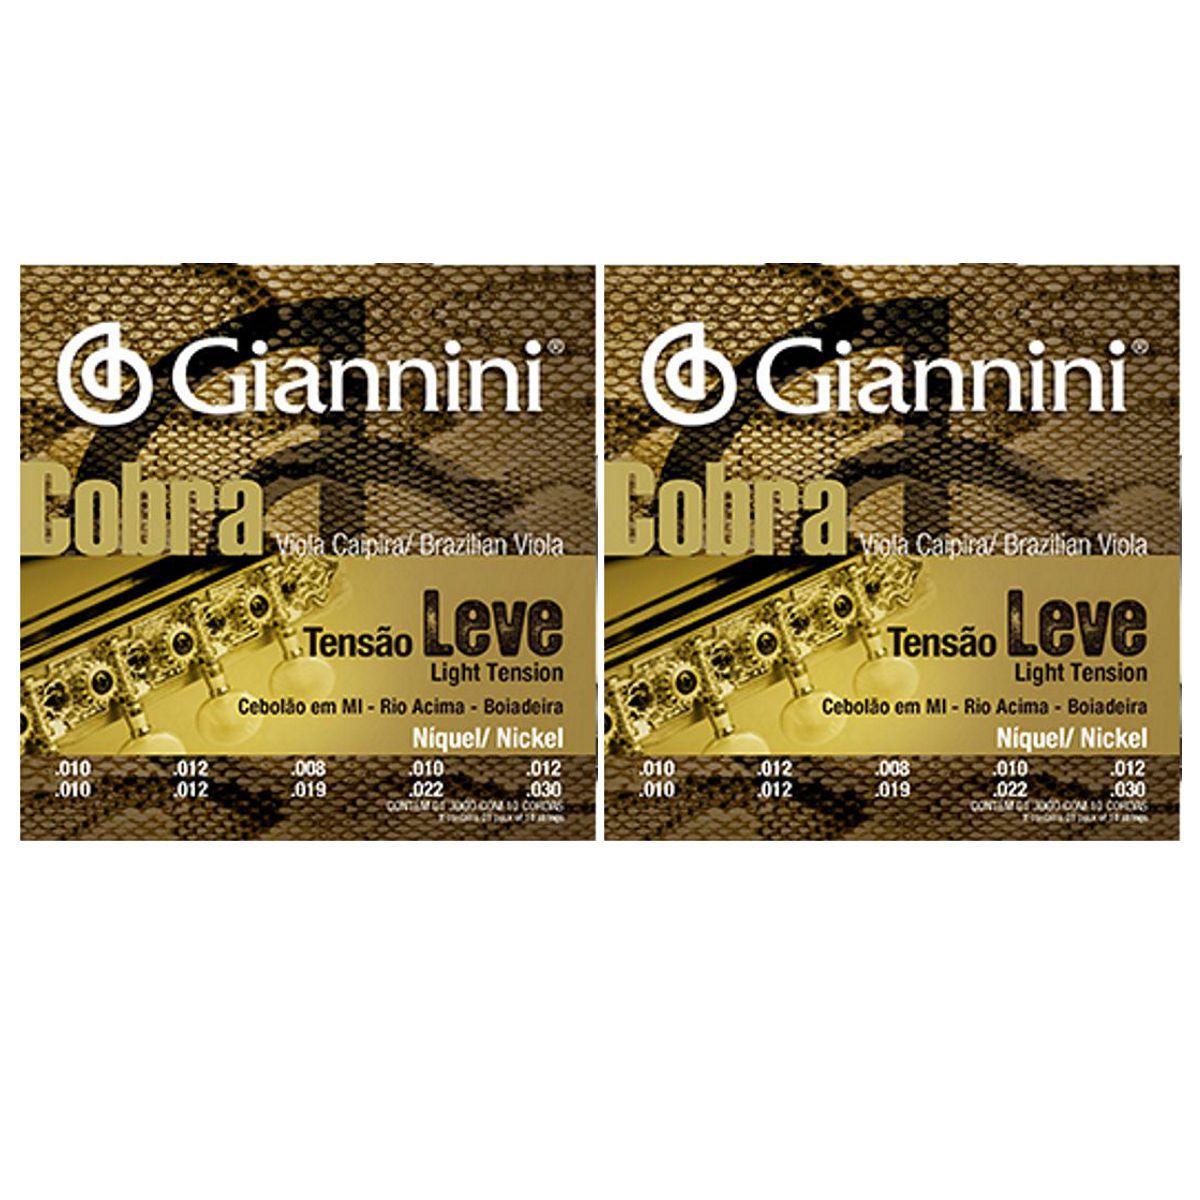 Encordoamento Giannini Cobra Viola Caipira - Cordas Níquel Viola Caipira - GESVNL Nickel - 02 Jogos